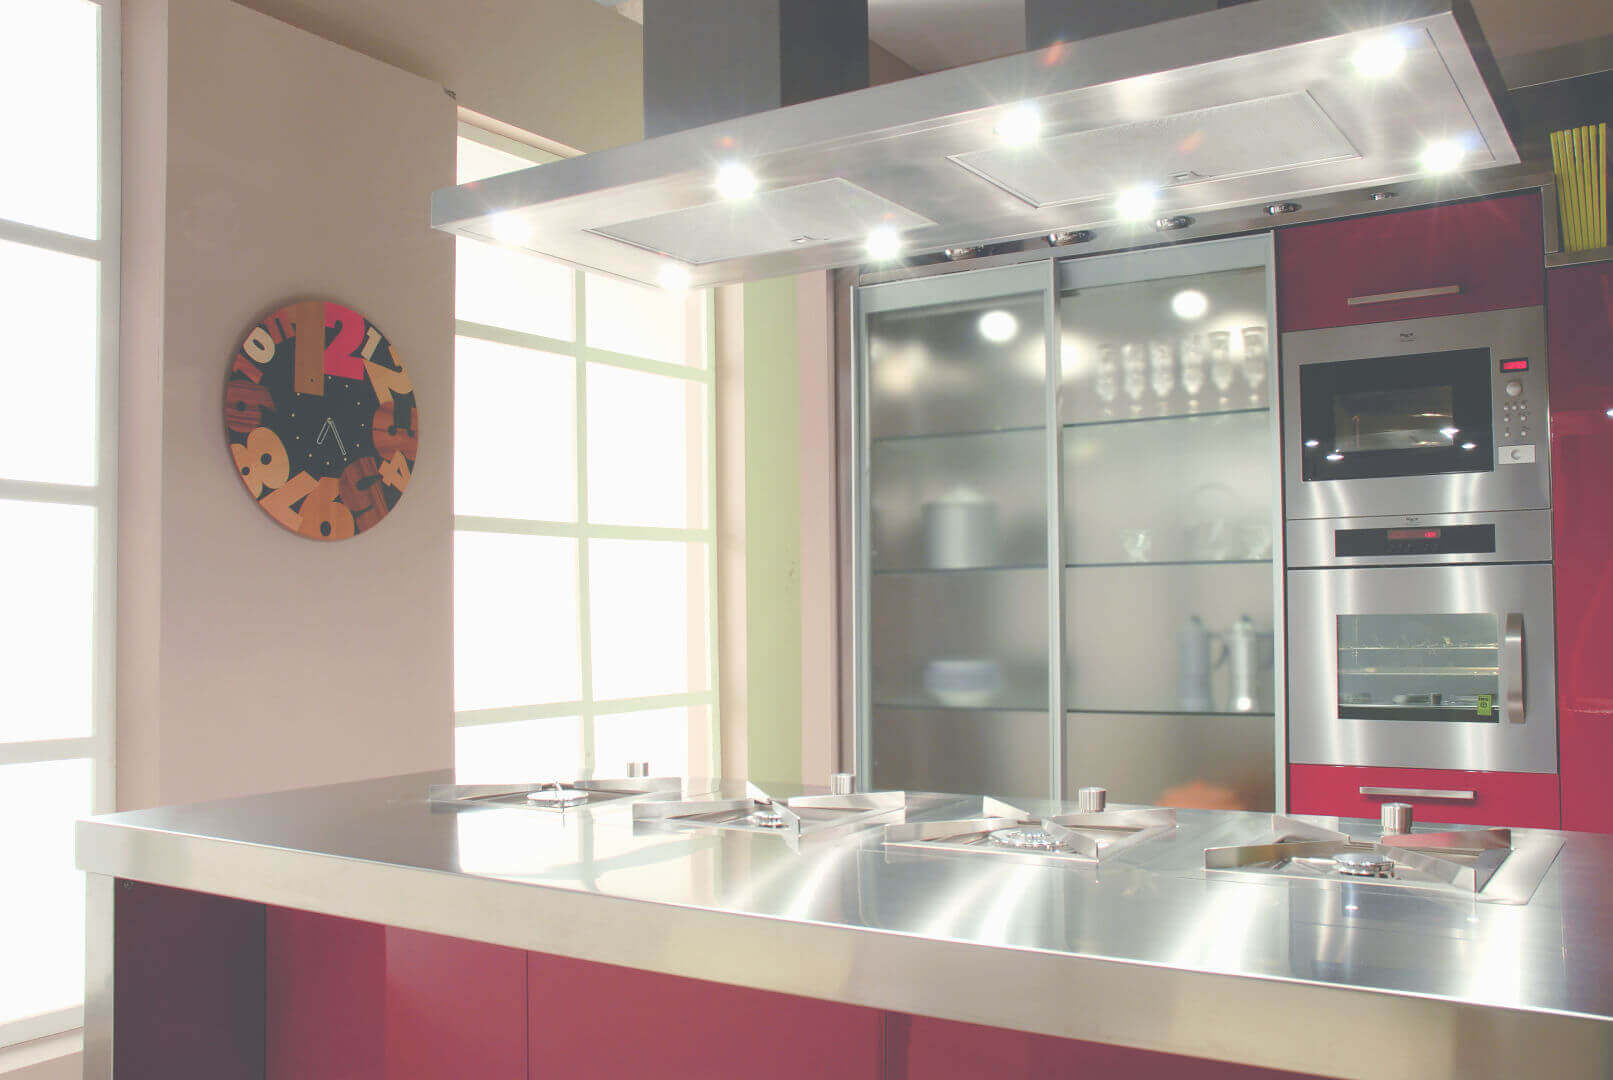 Arca Cucine Italia - Cucina Domestica in Acciaio Inox e Vetro - Opera - Isola con Fuochi